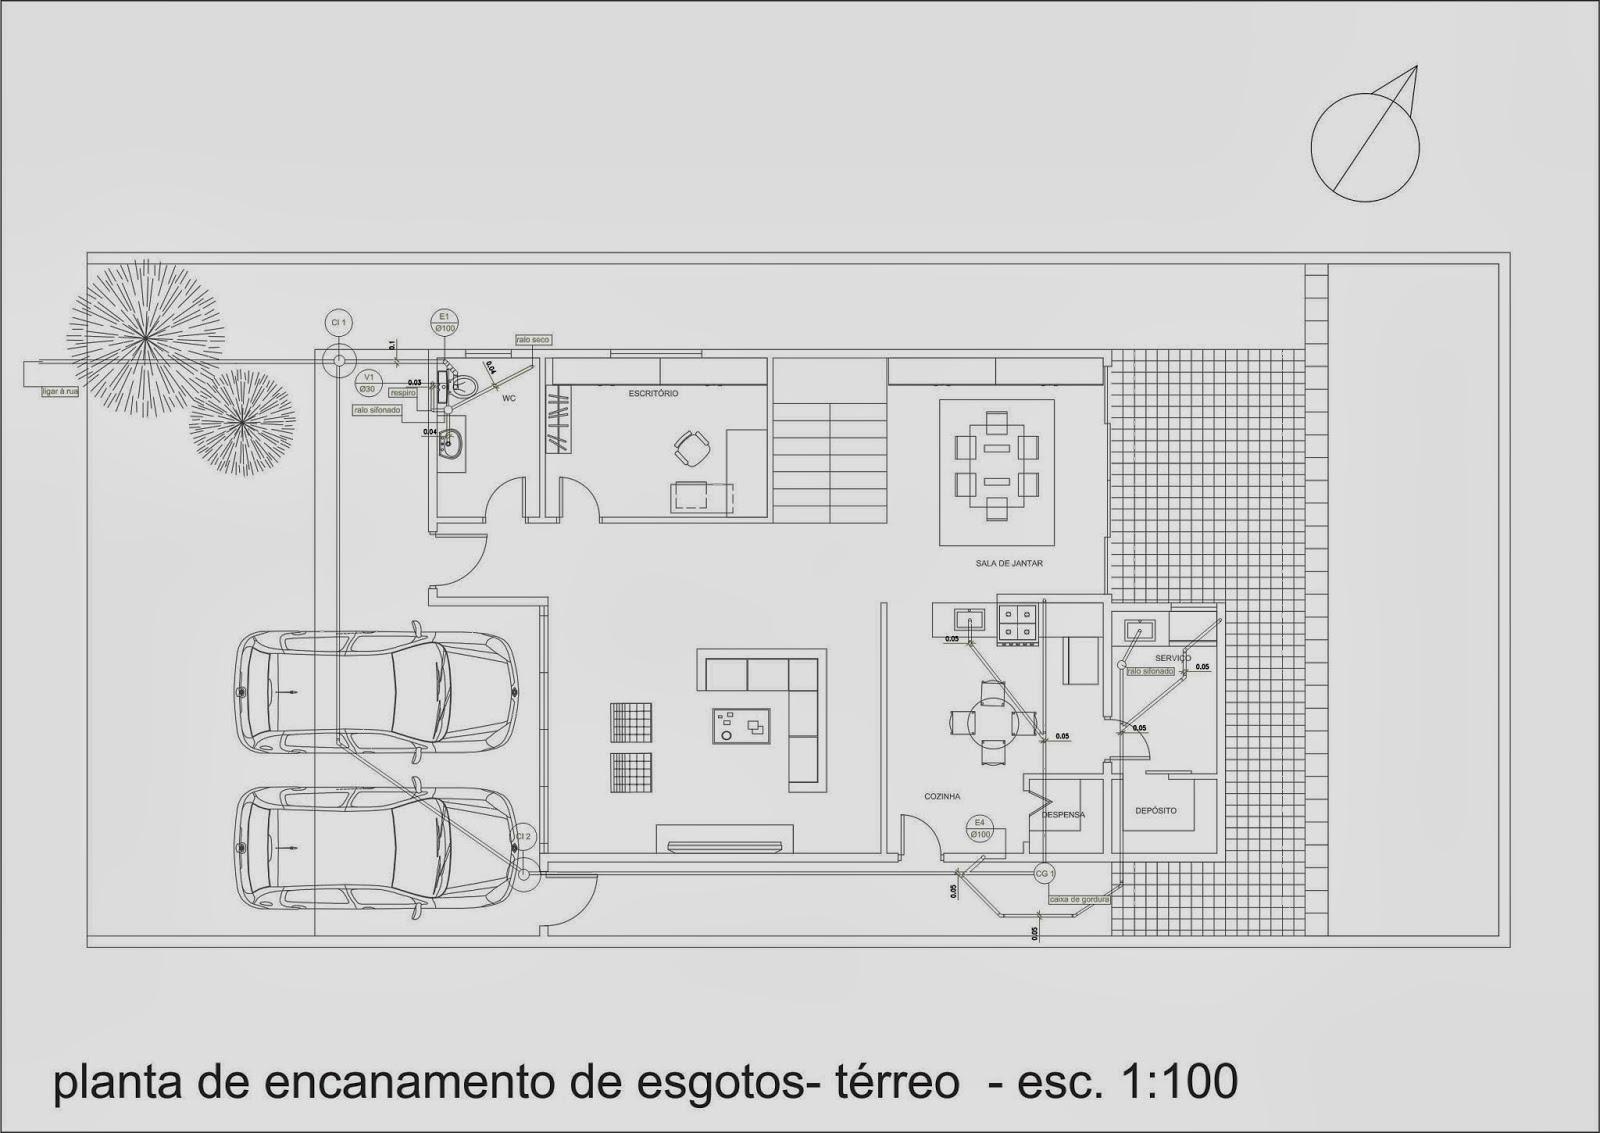 Pellegrino : Projeto de instalações hidráulicas para residência #696B60 1600 1133